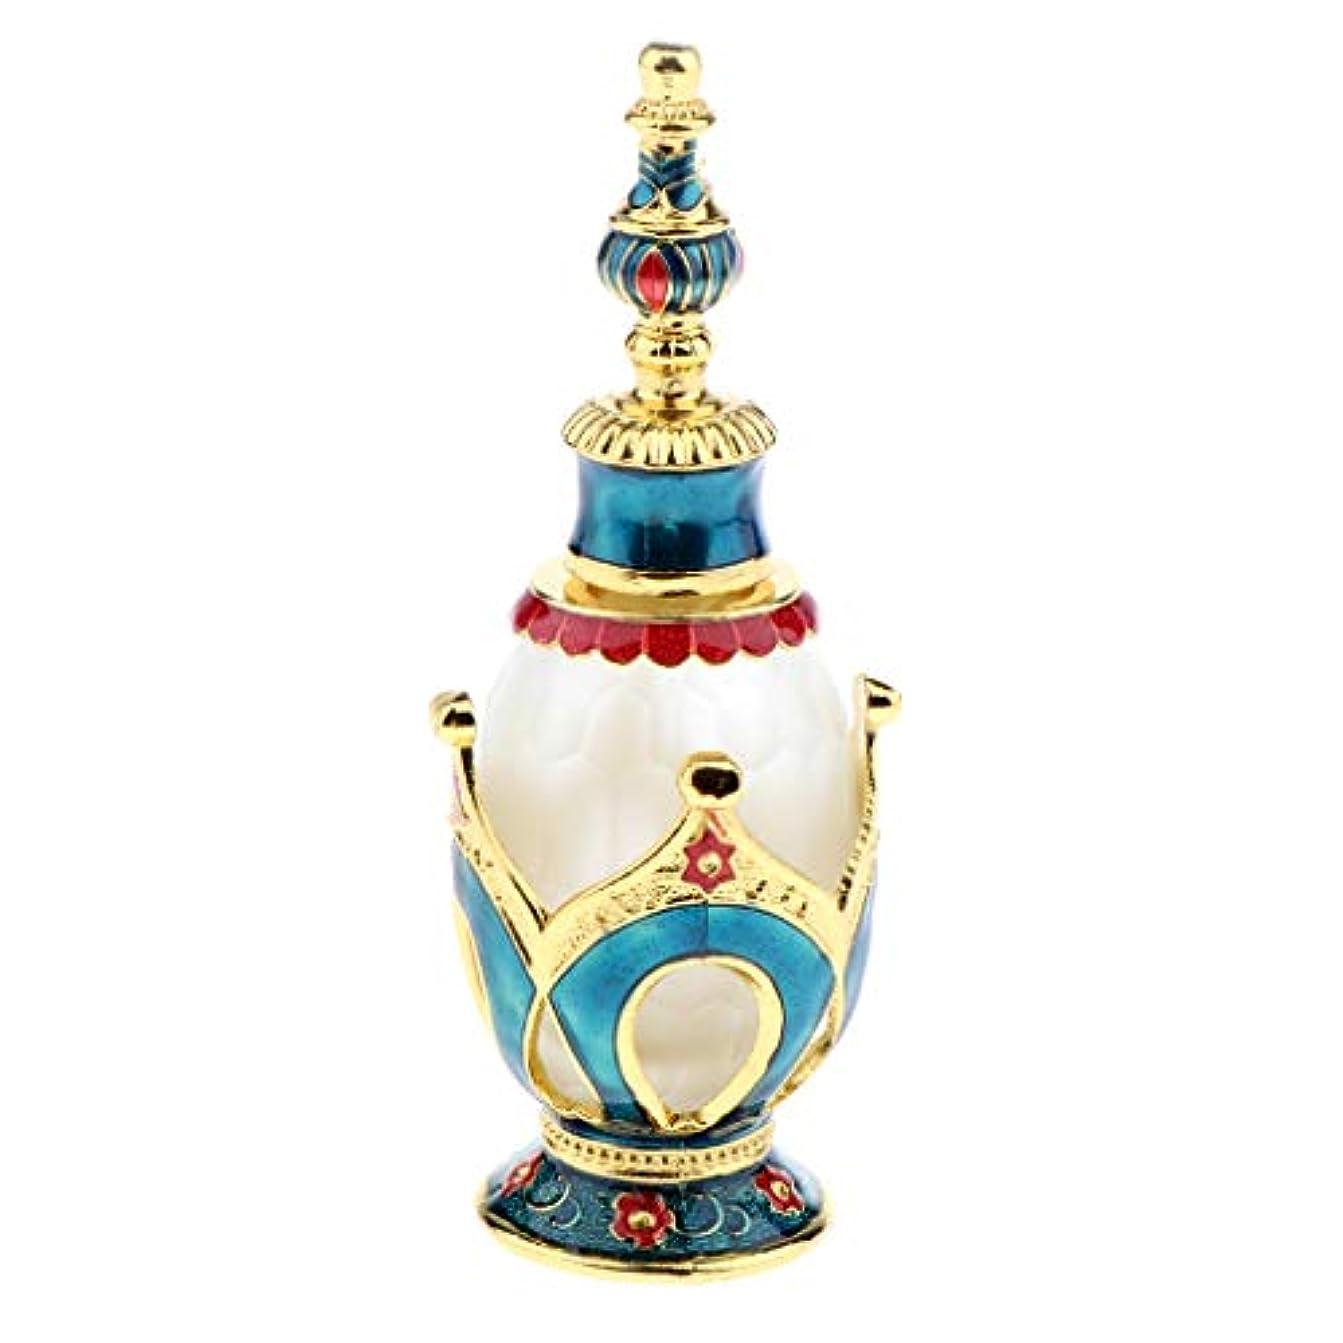 出会い驚きかどうか香水ボトル 香水瓶 ガラスボトル 華やか レトロ 旅行 小分け容器 3色選べ - ブルーゴールド